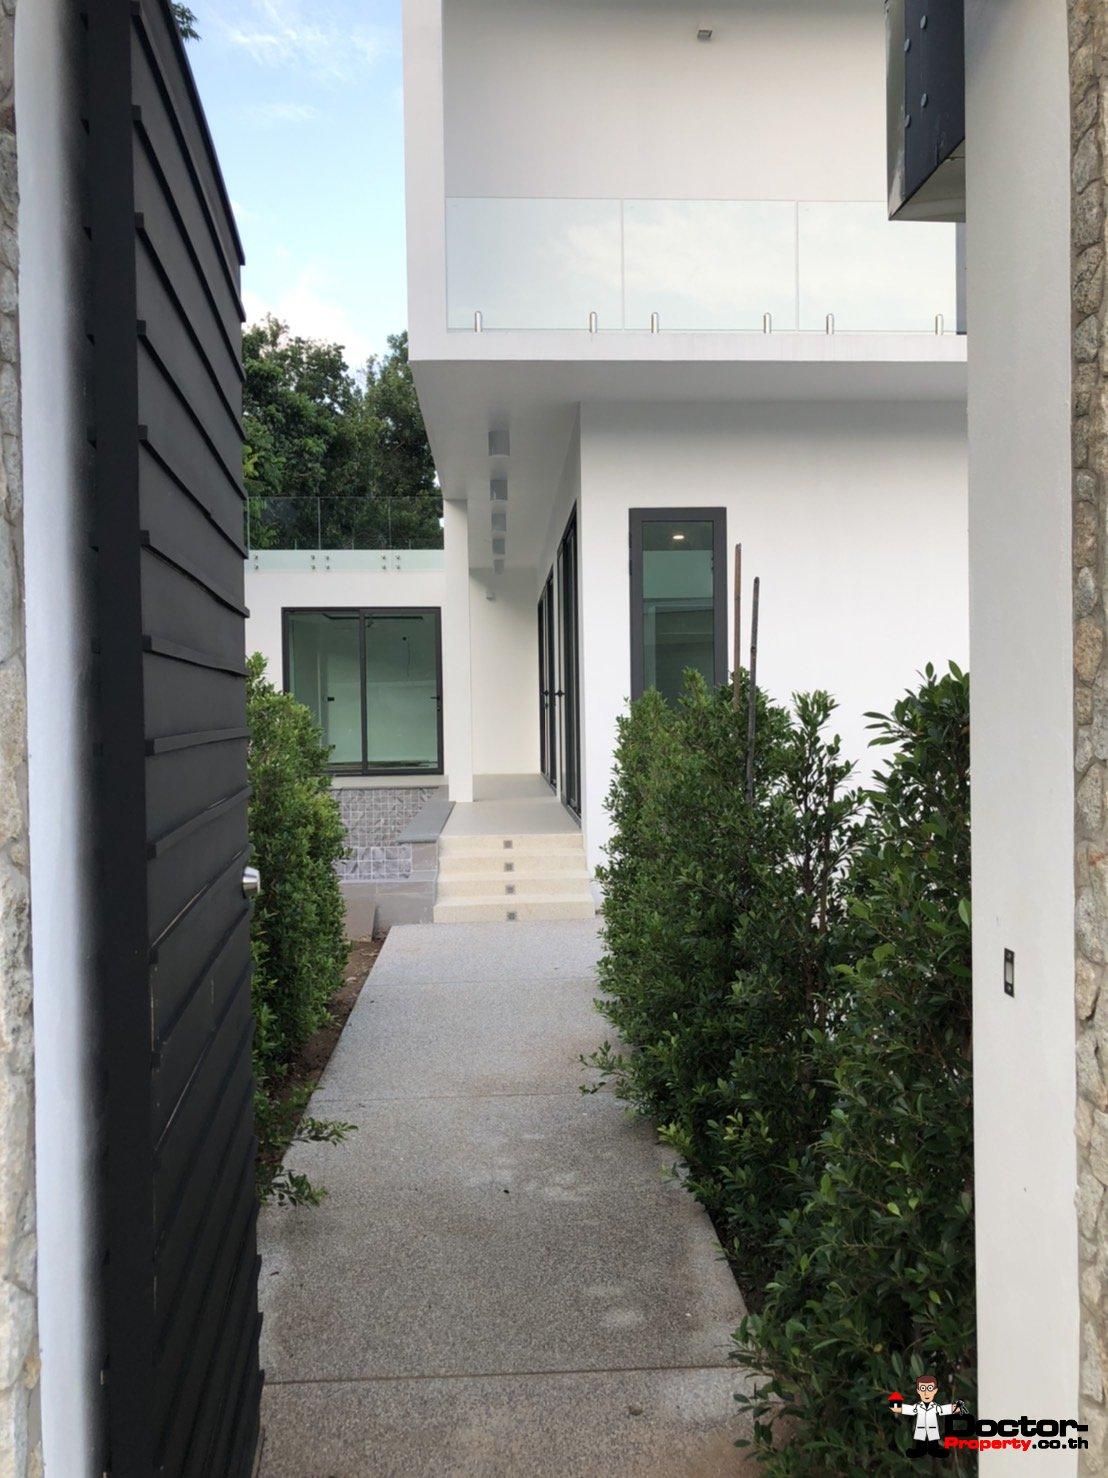 4 Bedroom Pool Villa - Mae Nam, Koh Samui - For Sale